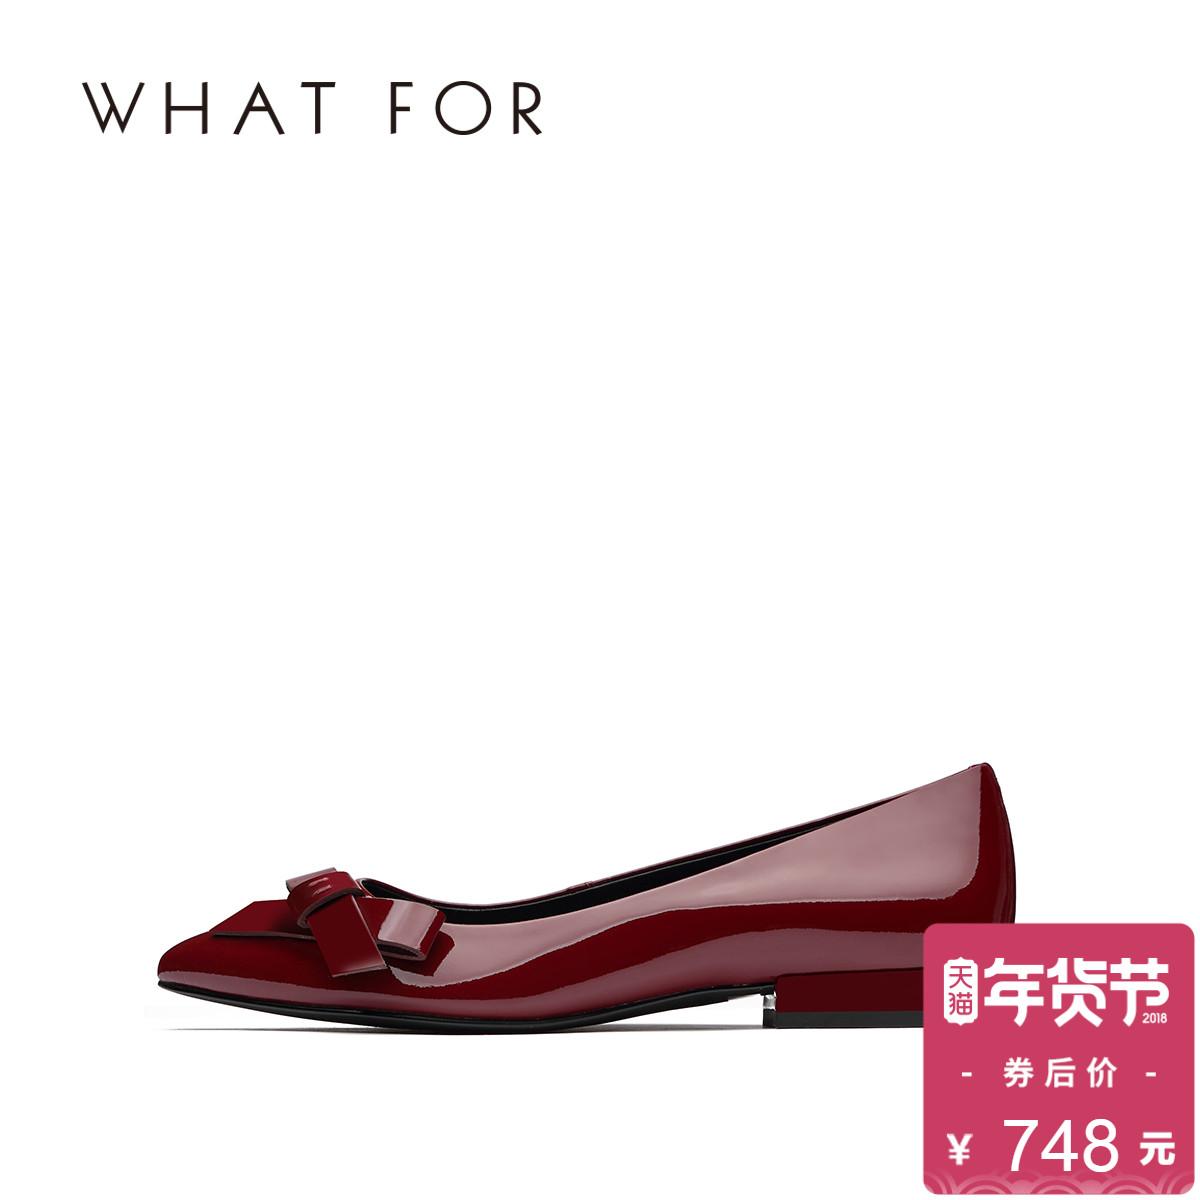 WHAT FOR冬季新品女士平跟尖头蝴蝶结时尚低跟单鞋女WH334L24064